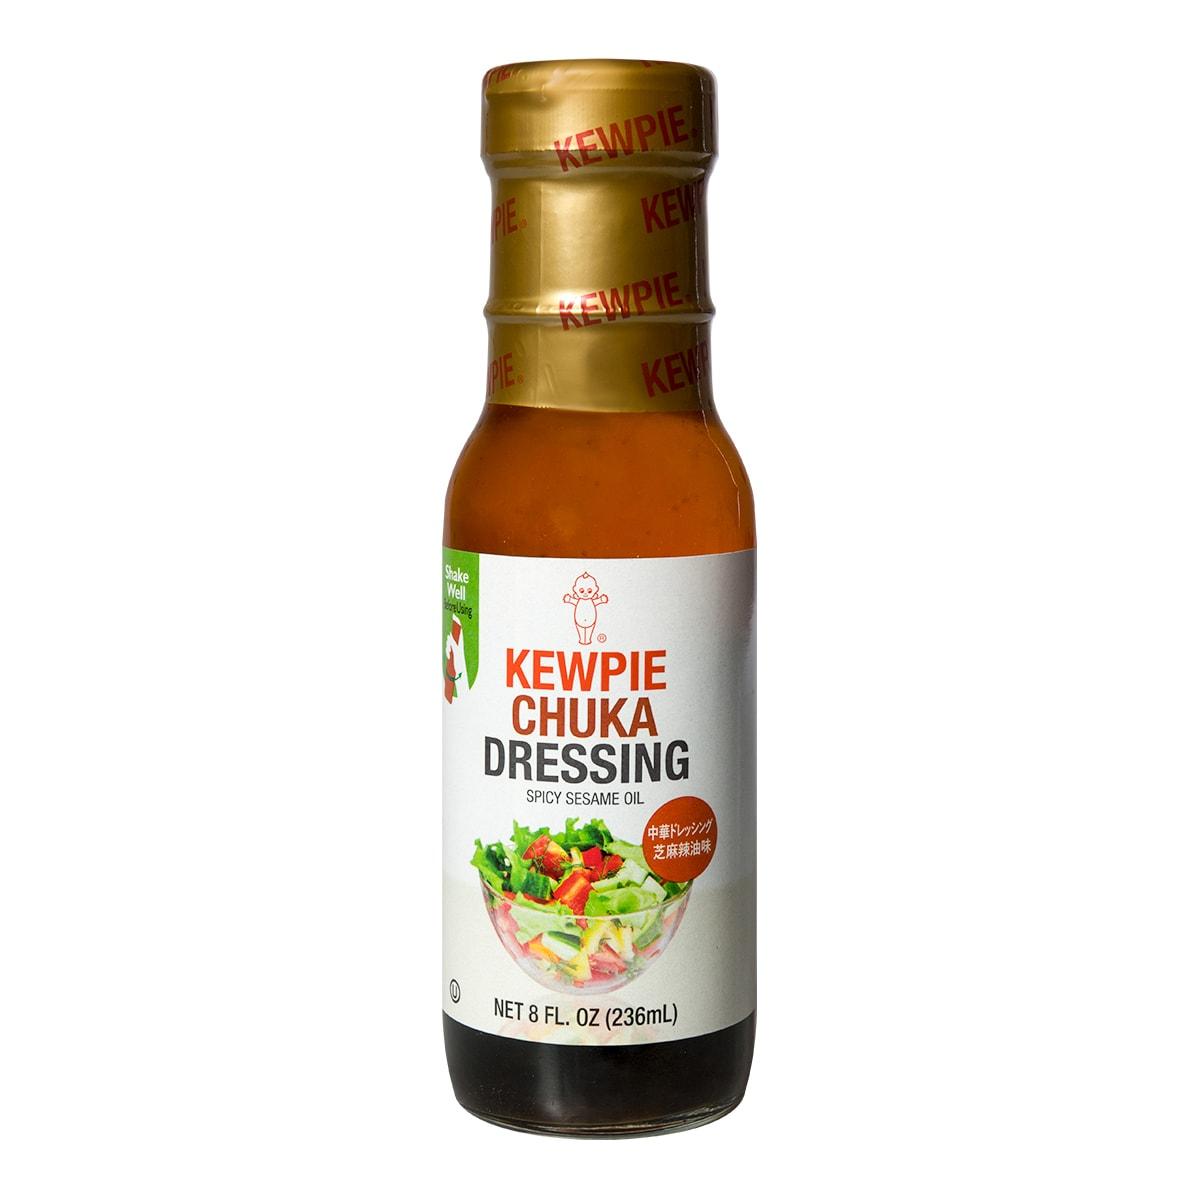 日本KEWPIE丘比 沙拉汁 华风芝麻辣油味 236ml